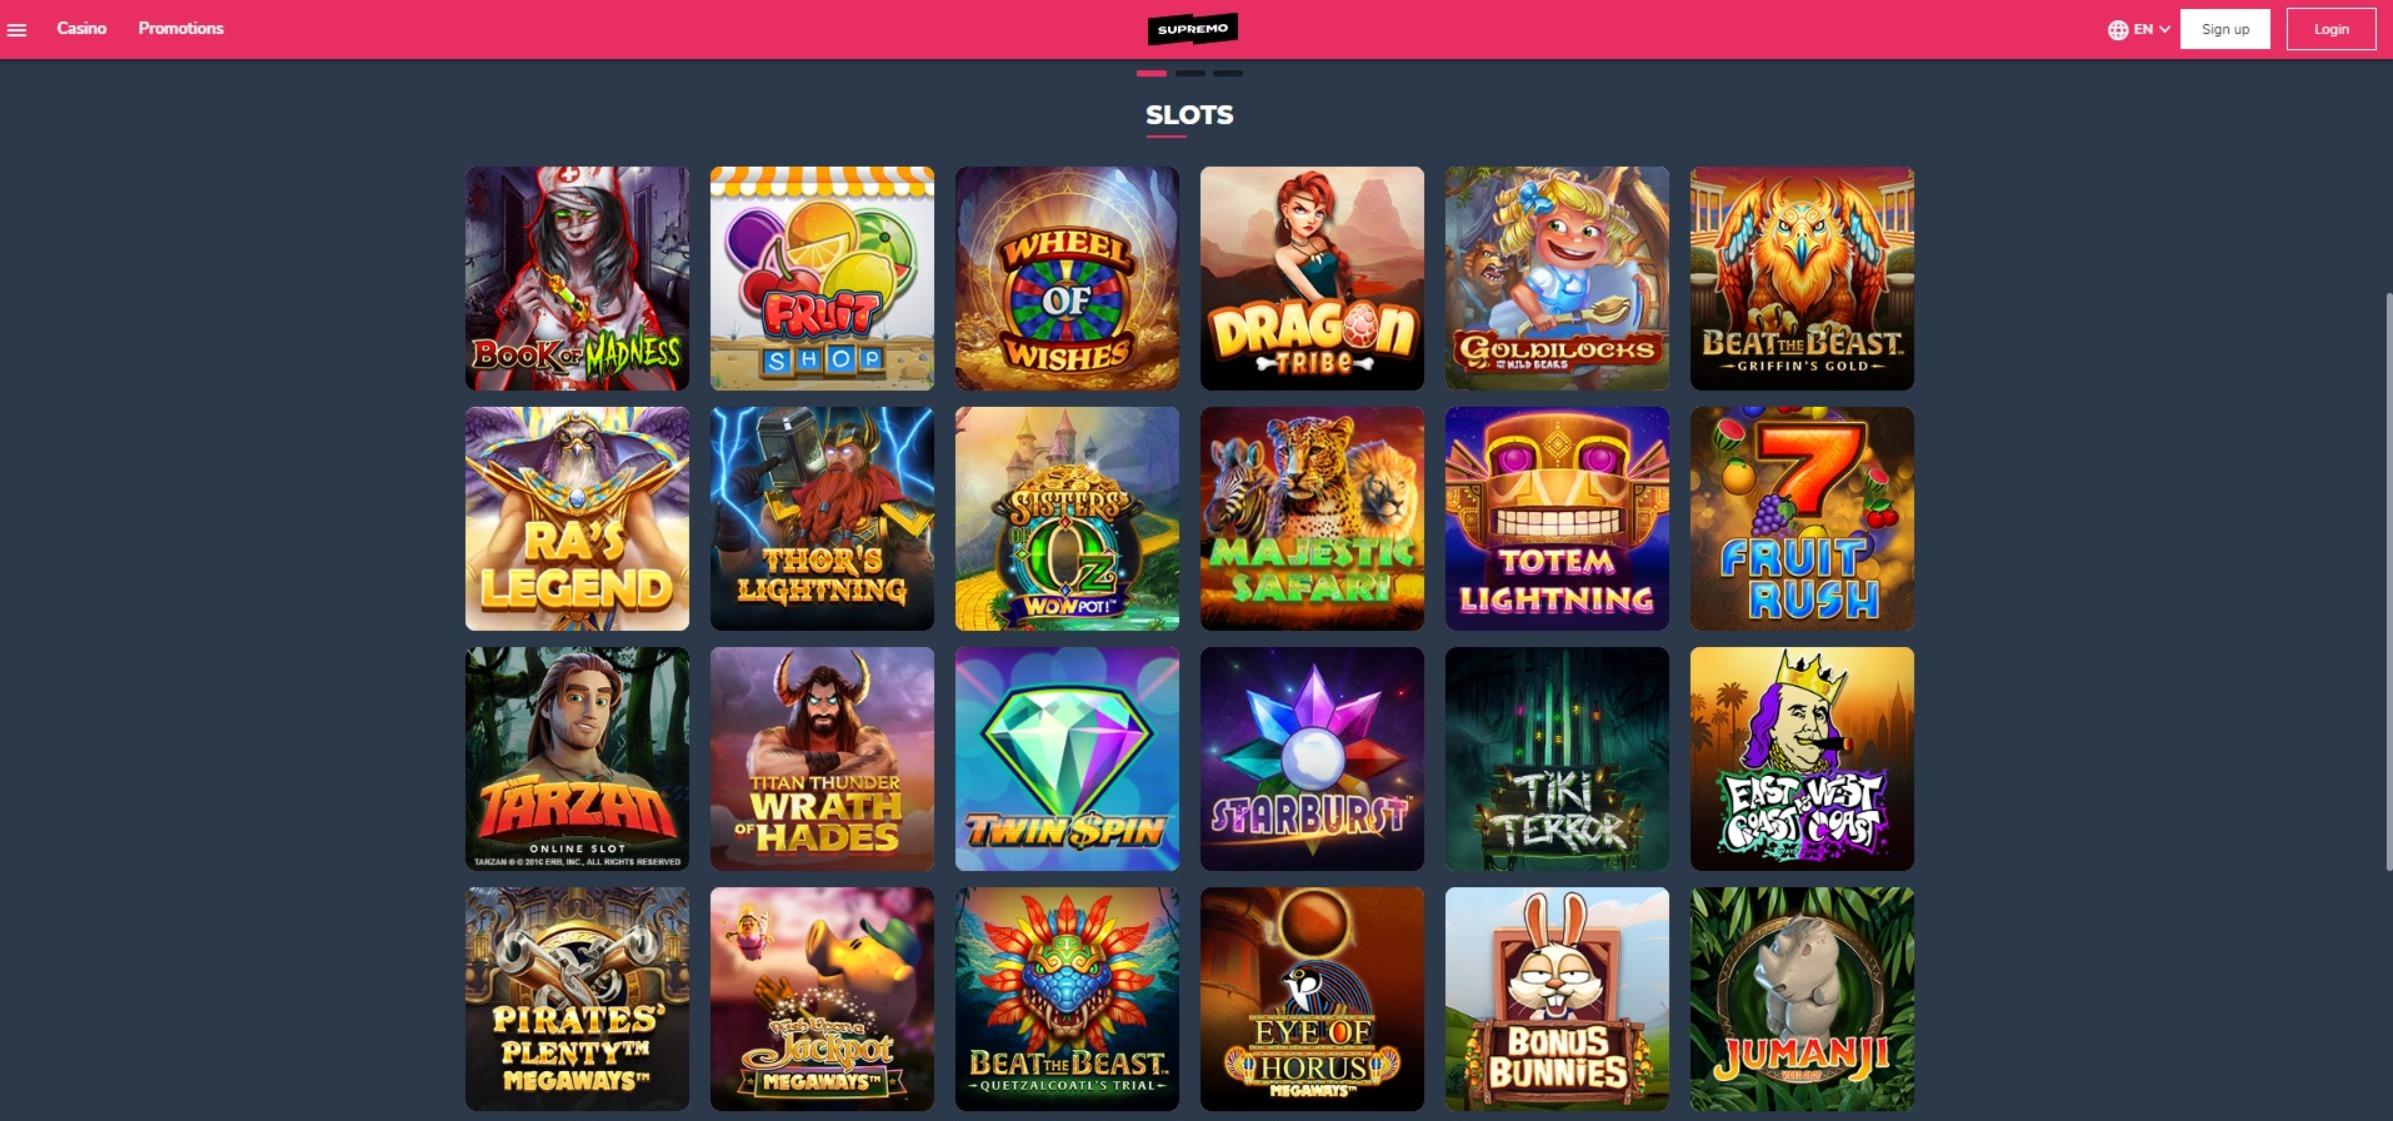 supremo casino slots games